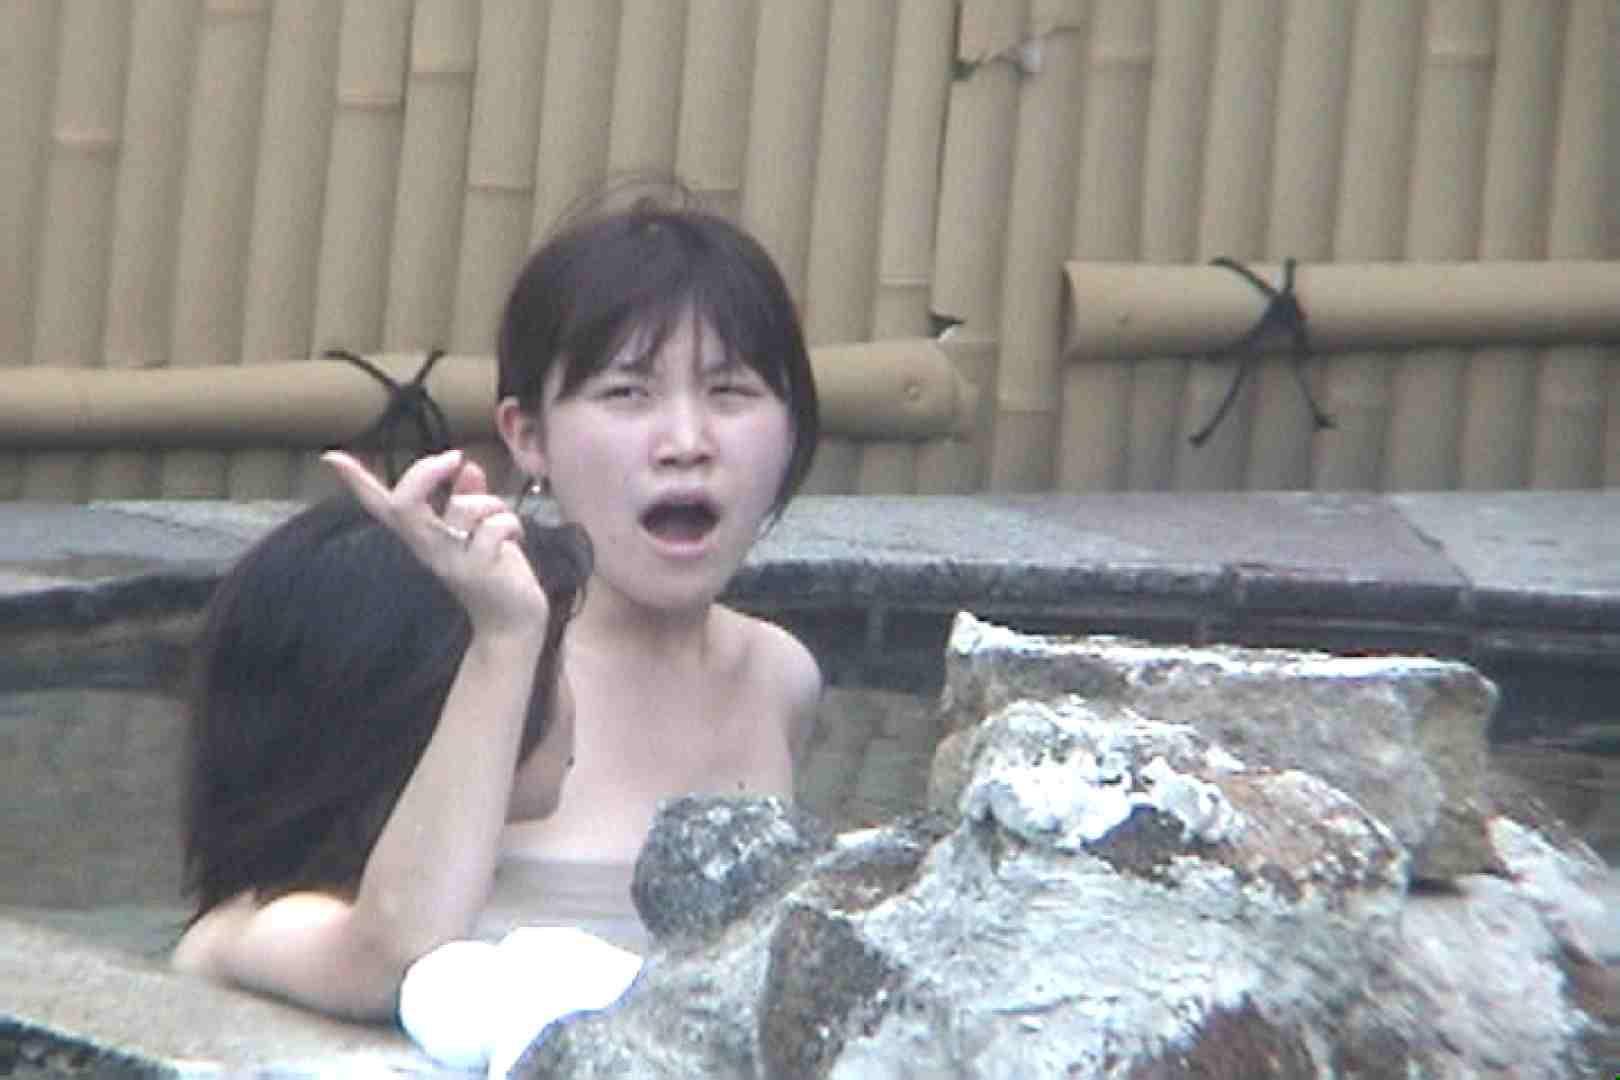 Aquaな露天風呂Vol.79【VIP限定】 露天風呂 | 盗撮動画  11枚 3